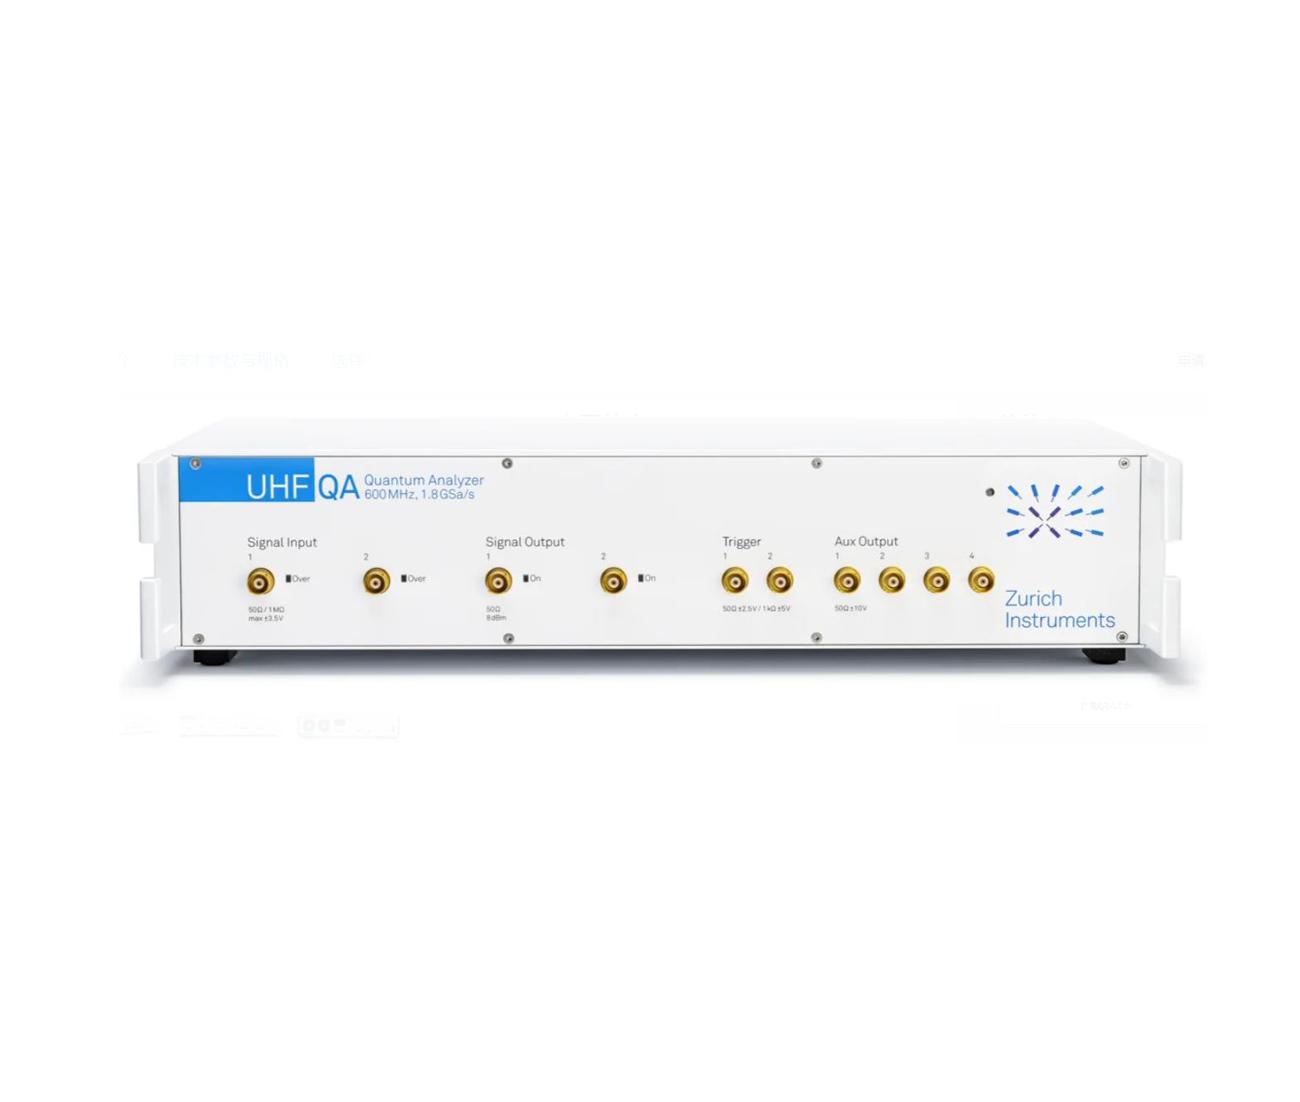 UHFQA 600 MHz 量子分析仪